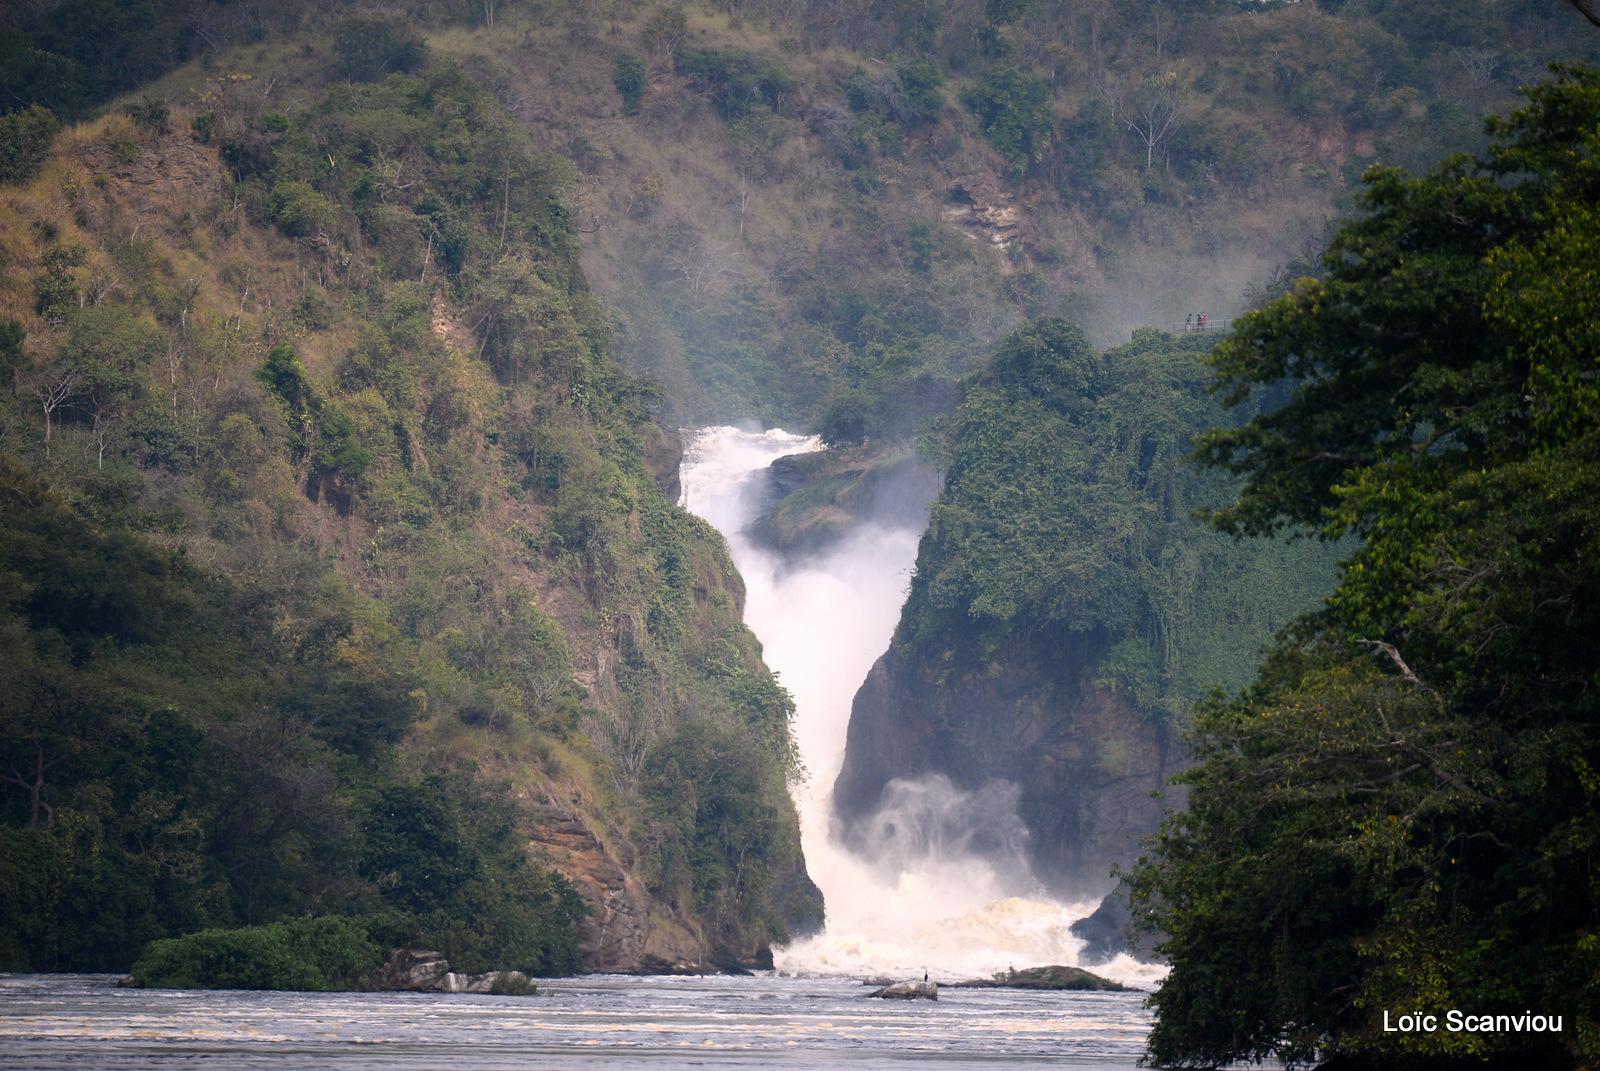 Les chutes de Murchison/Murchison Falls (2)